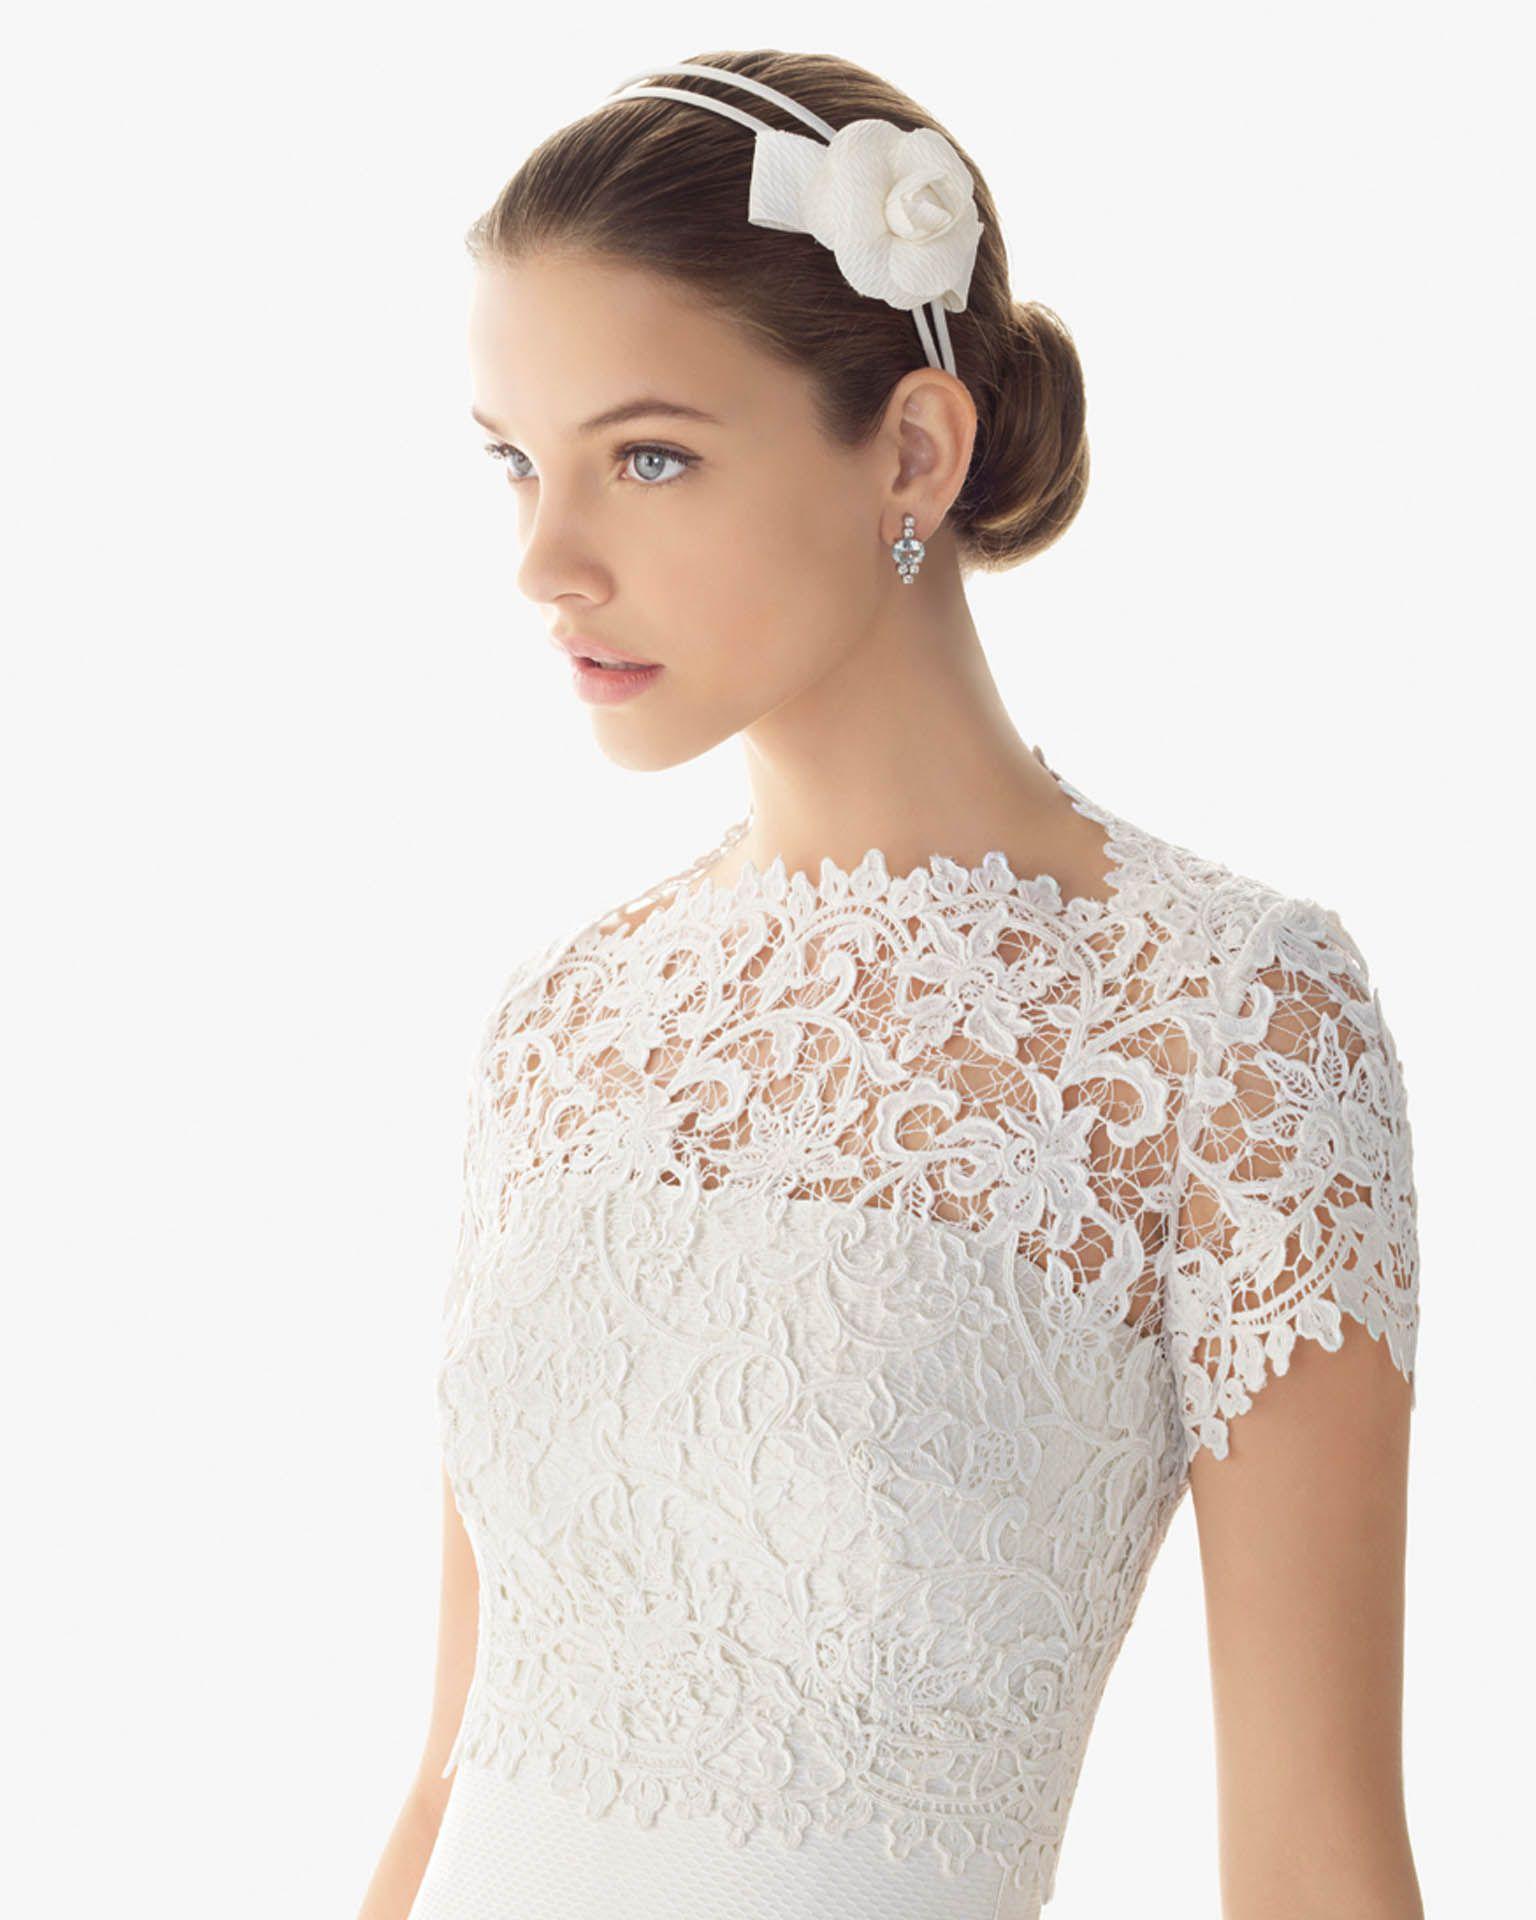 Vestidos de novia y vestidos de fiesta | Rosa clara, Dresses 2013 ...